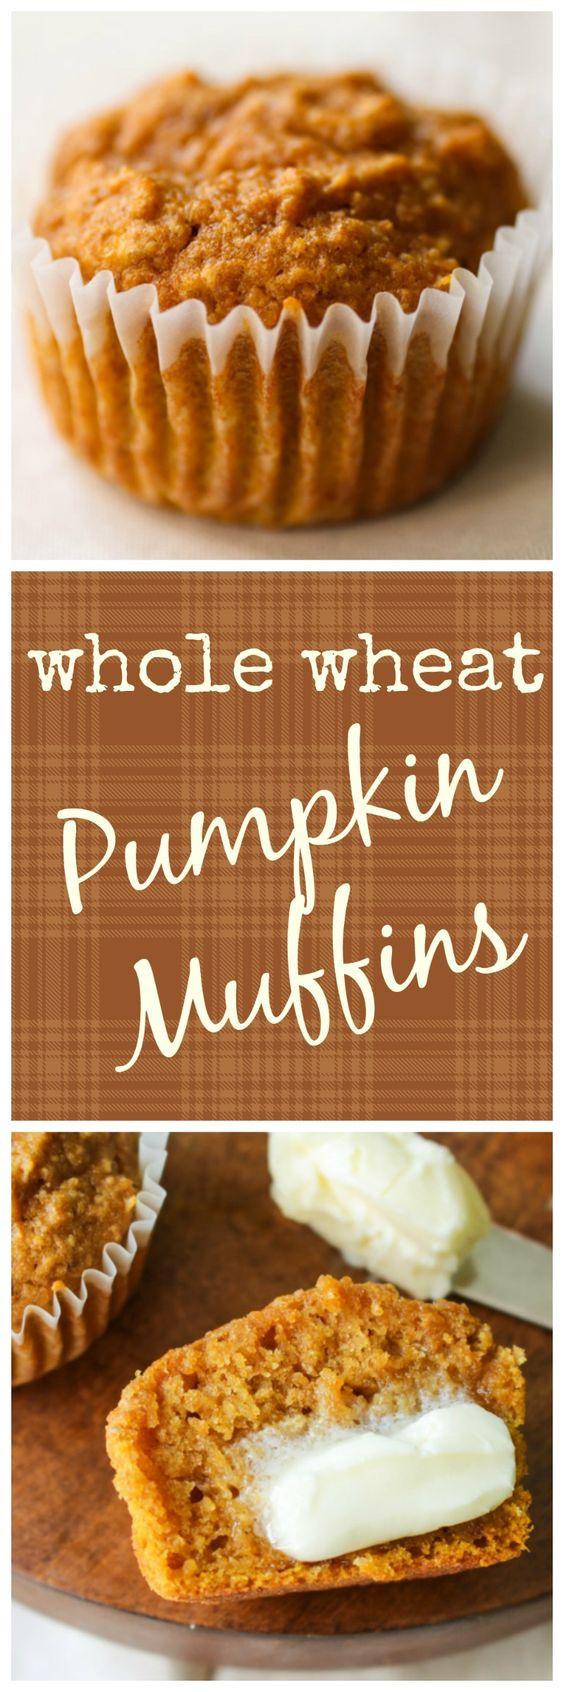 Whole Wheat Pumpkin Muffins | Recipe | Pumpkins, Pumpkin muffin ...